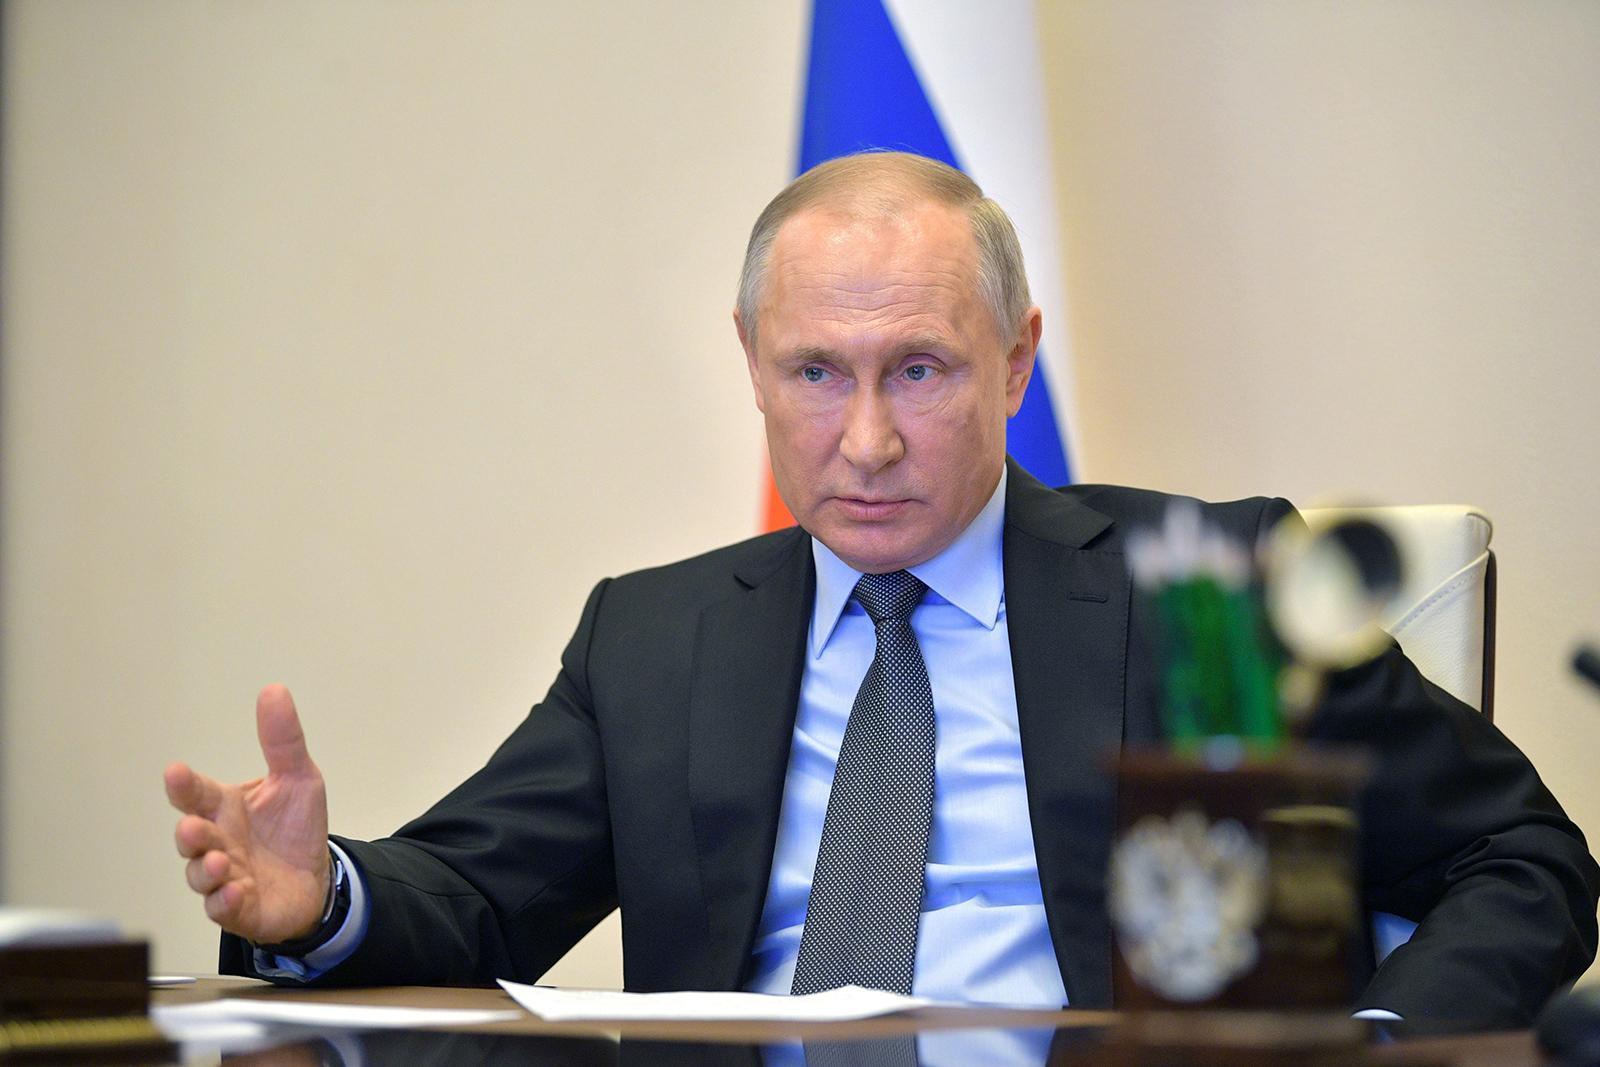 โควิด: รัสเซีย ยังไม่ถึงจุดสูงสุดการระบาด เตรียมรับลูกใหม่ - ยอดผู้ติดเชื้อใกล้หลักแสน